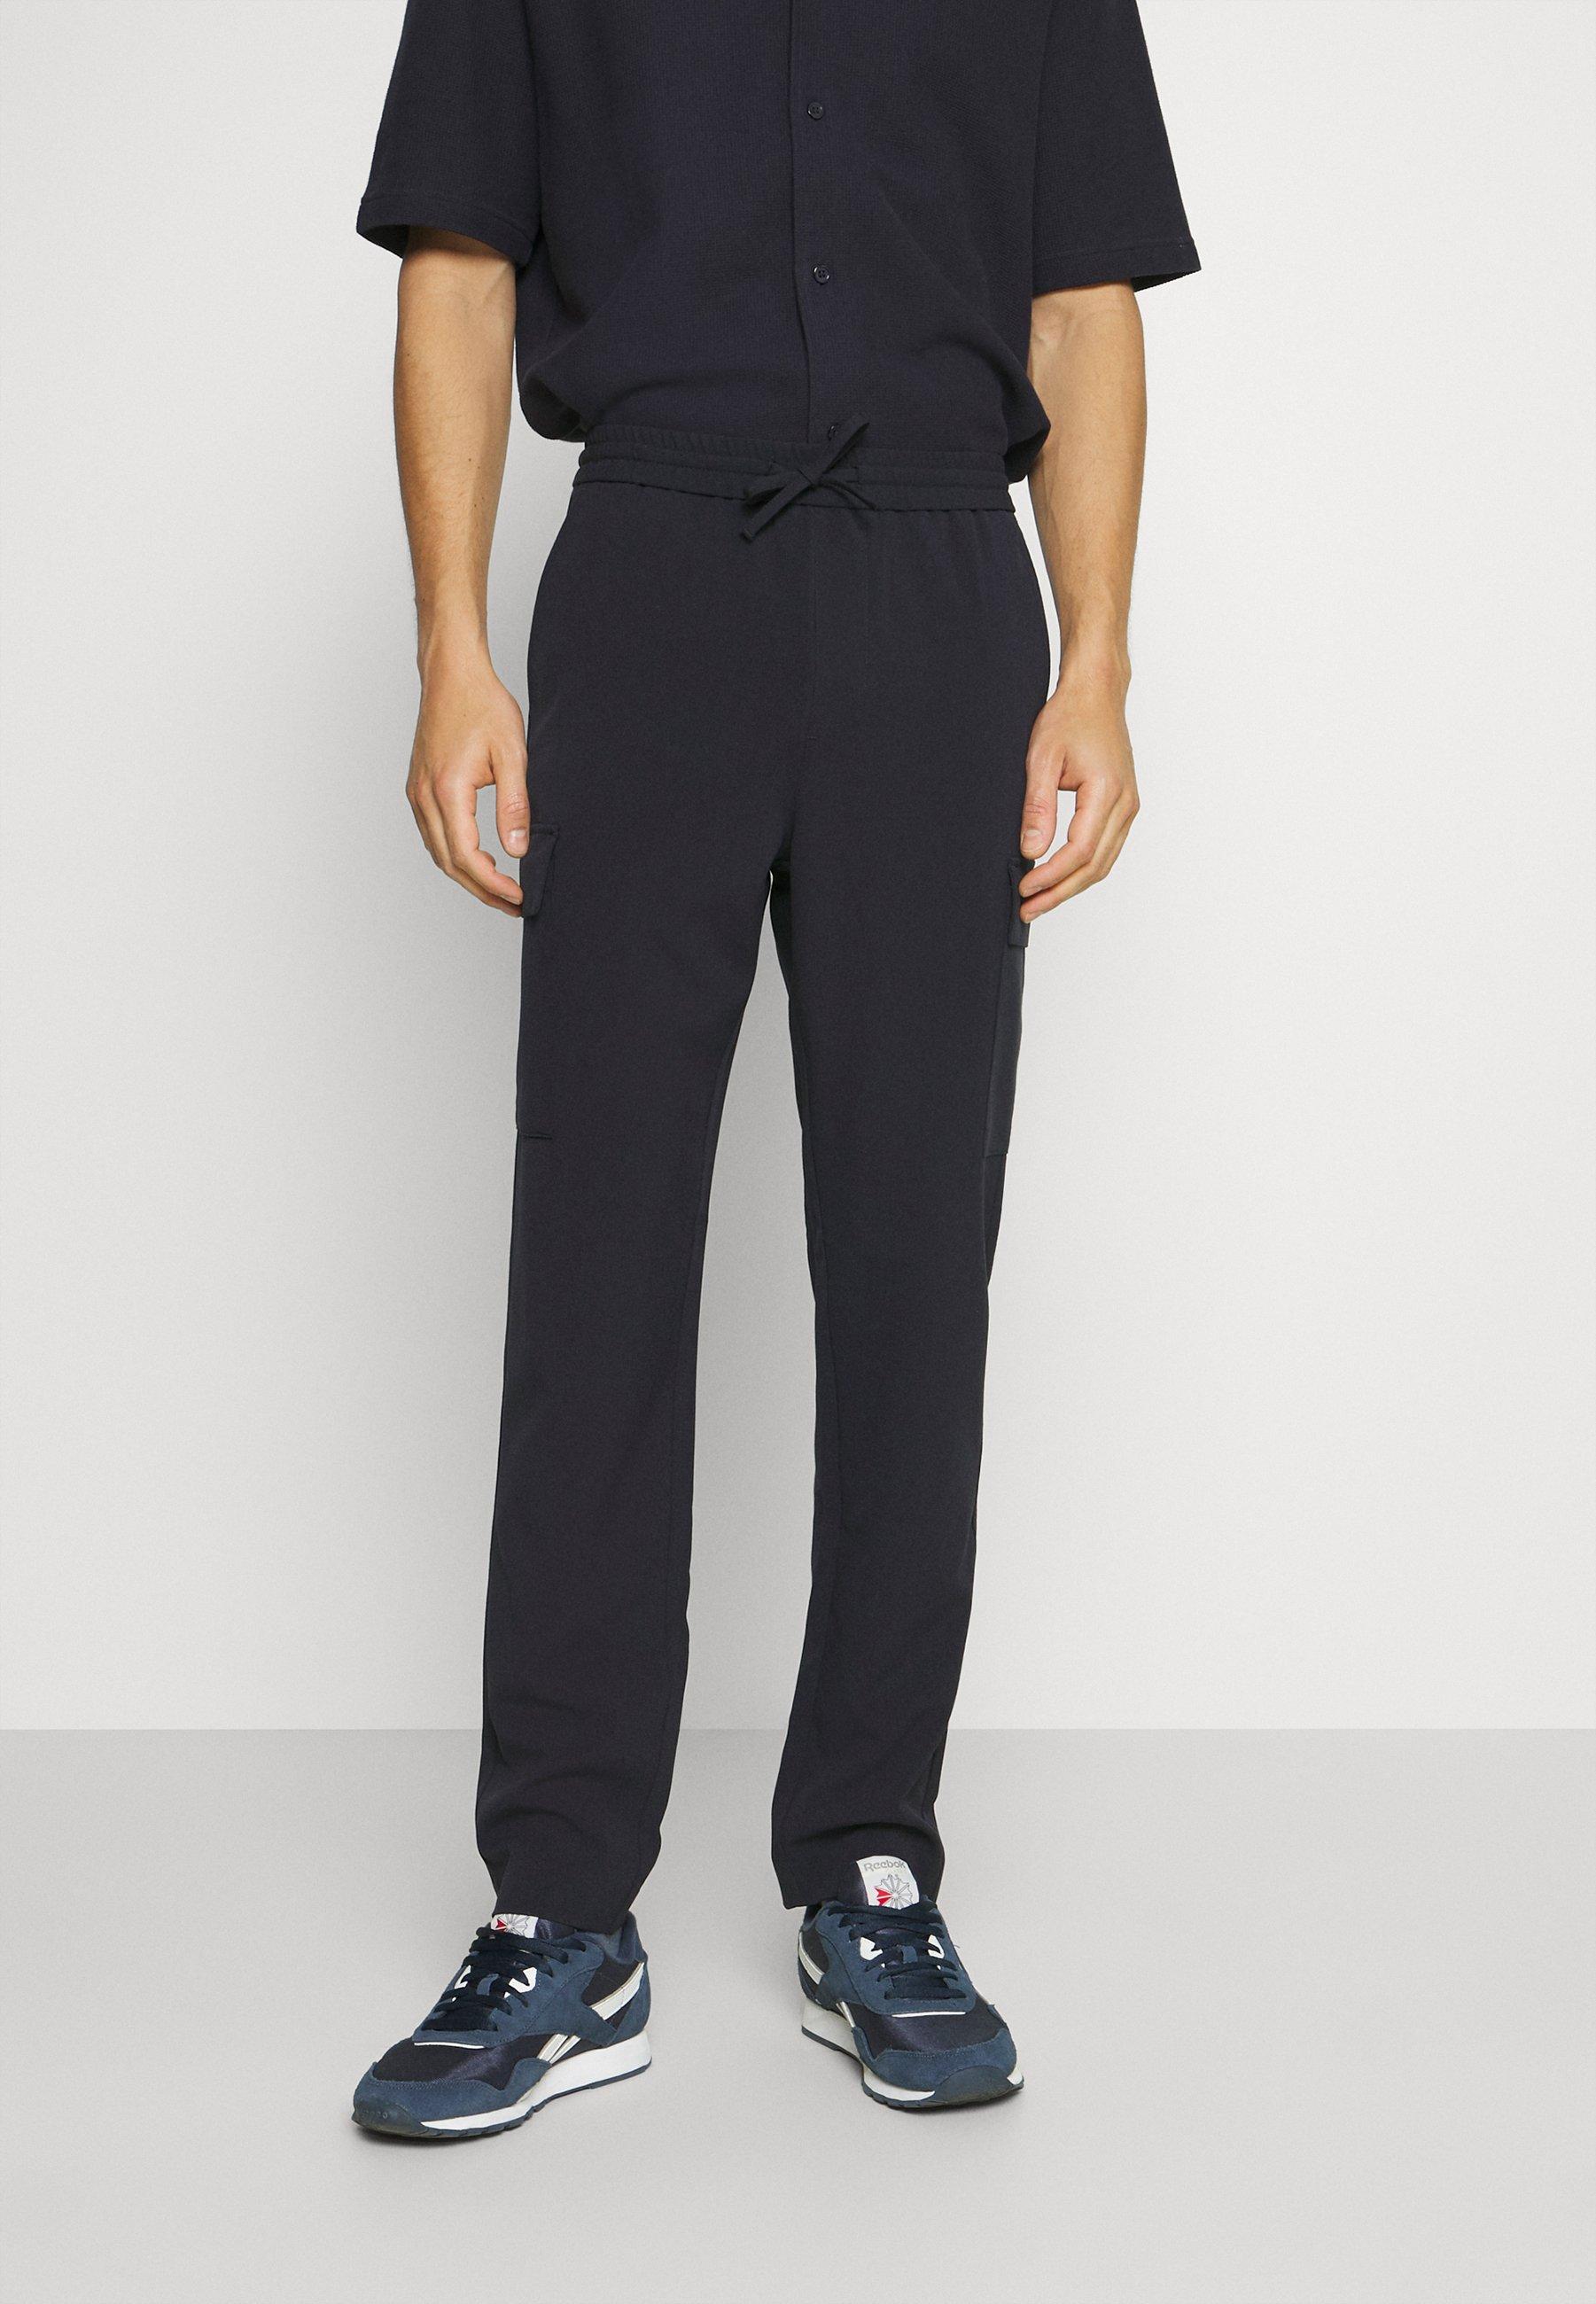 Homme PANTS PATCH THIGH POCKET - Pantalon classique